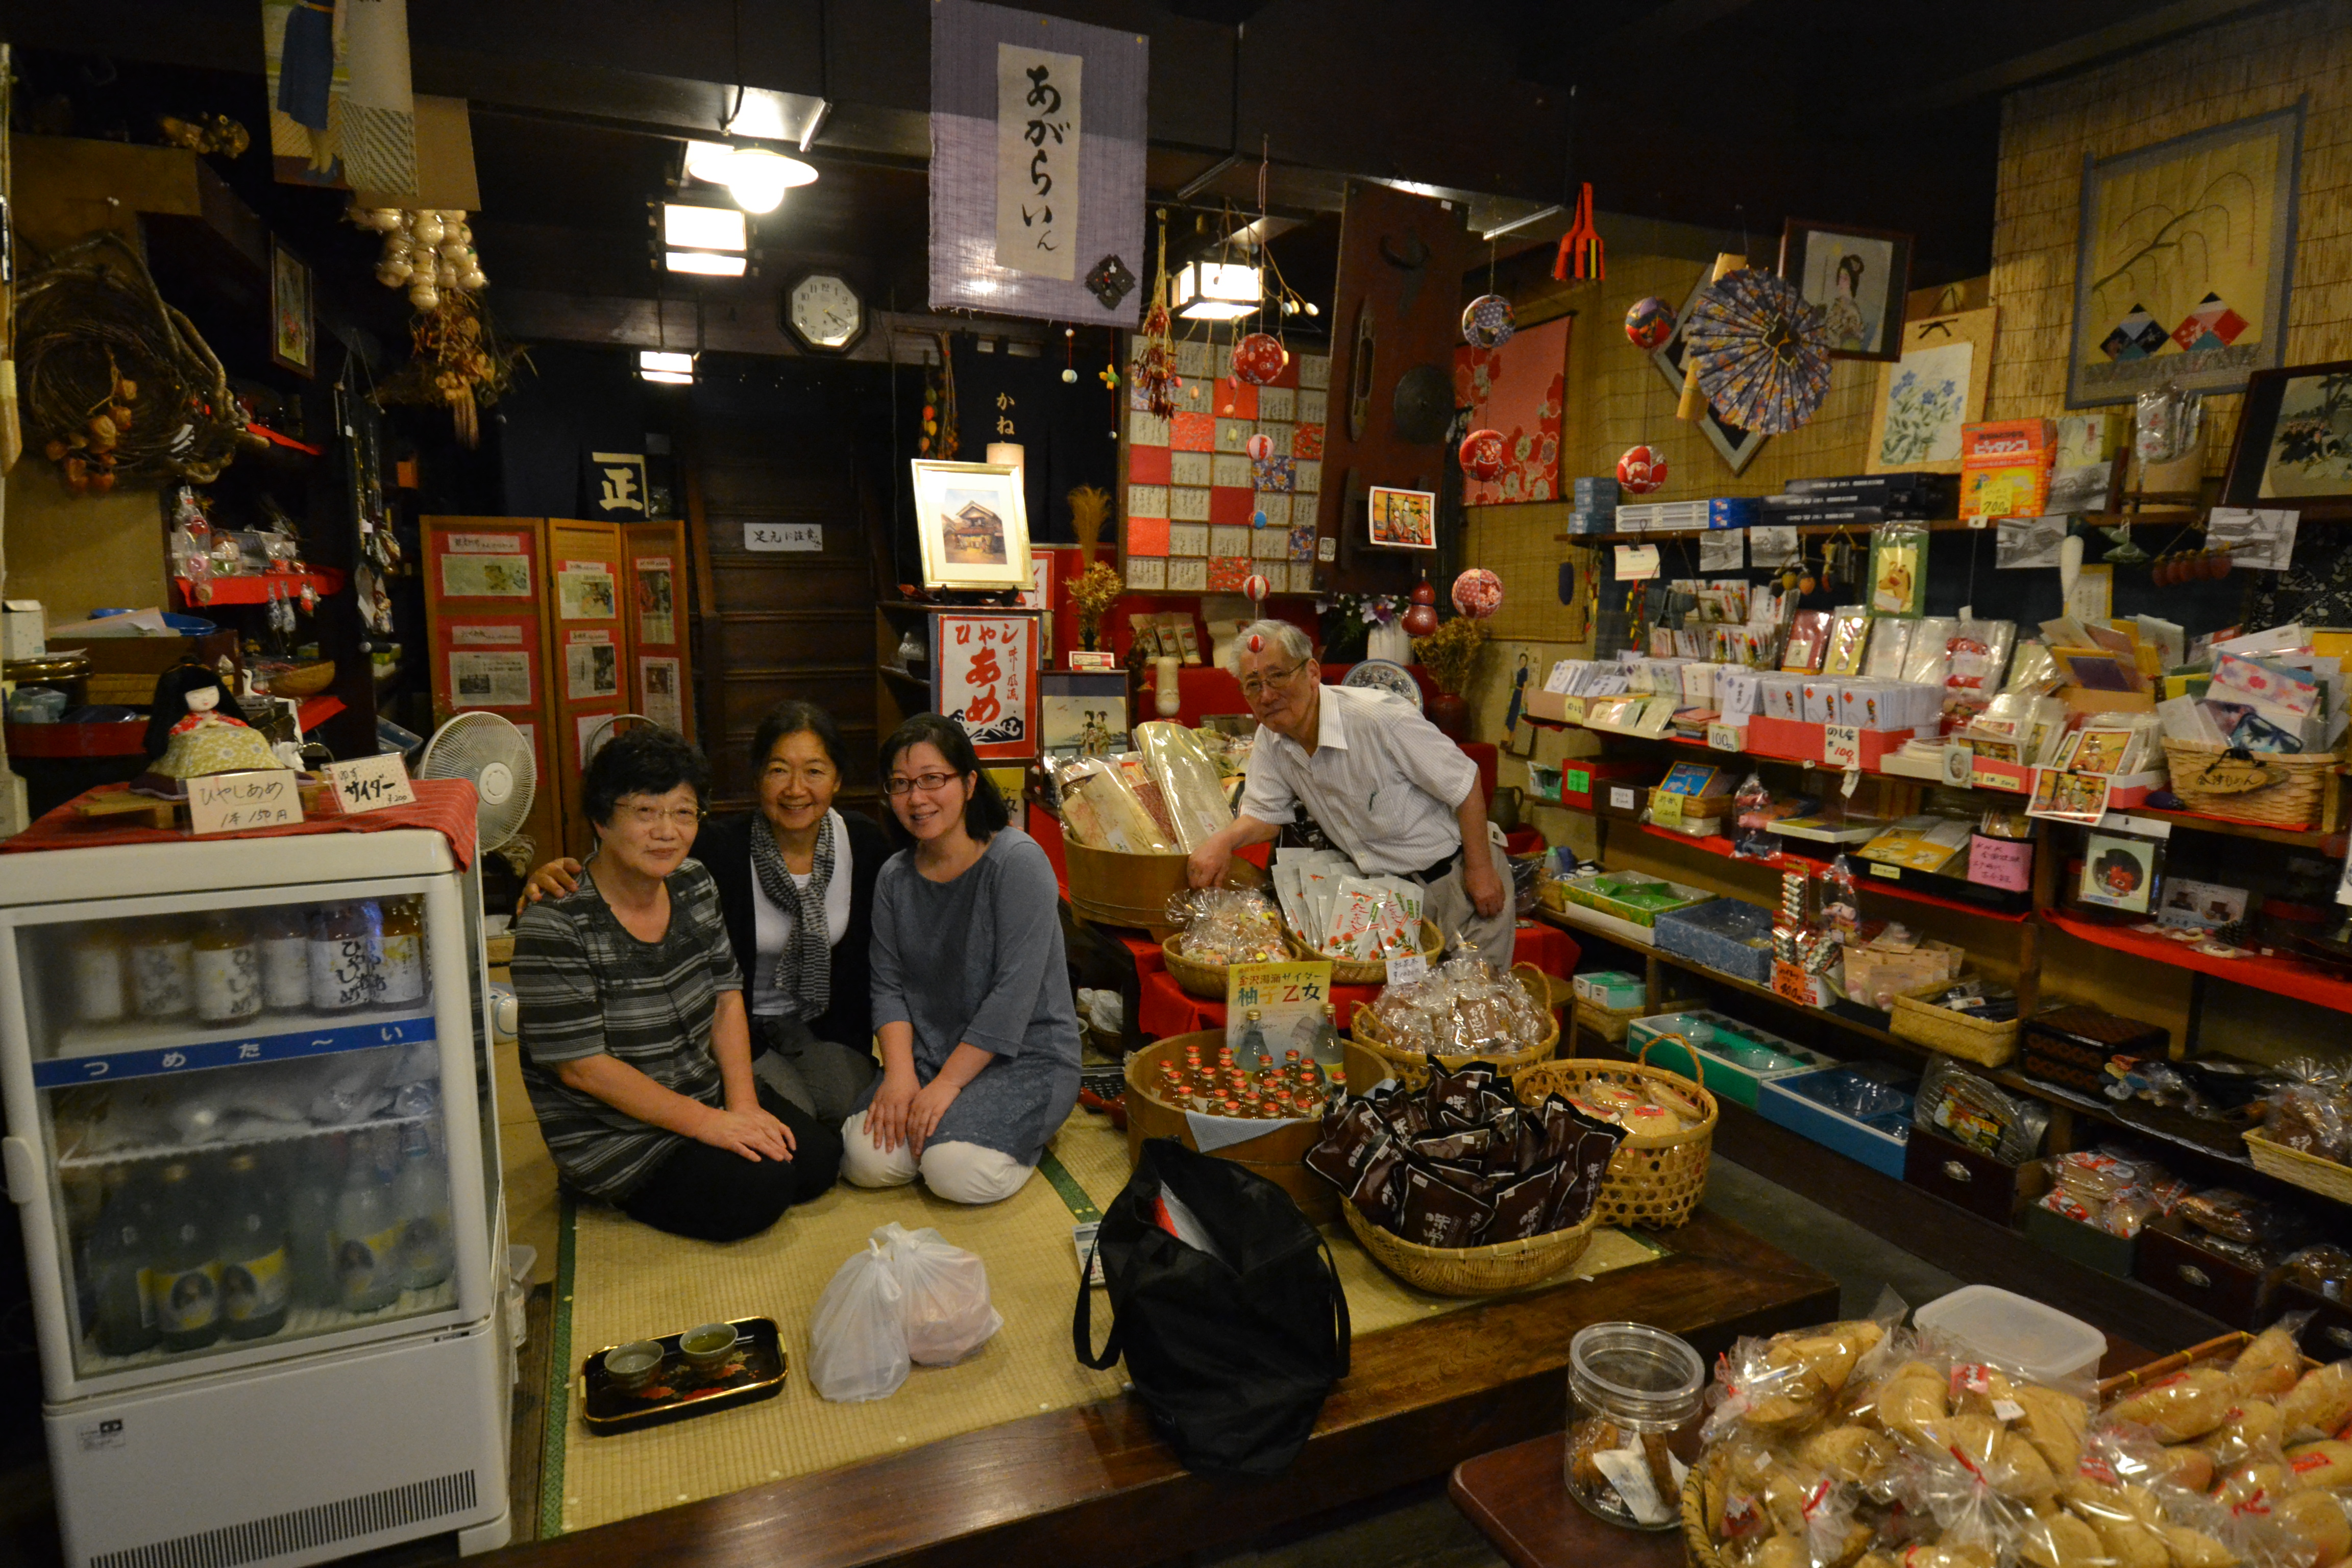 murata kura family store.JPG